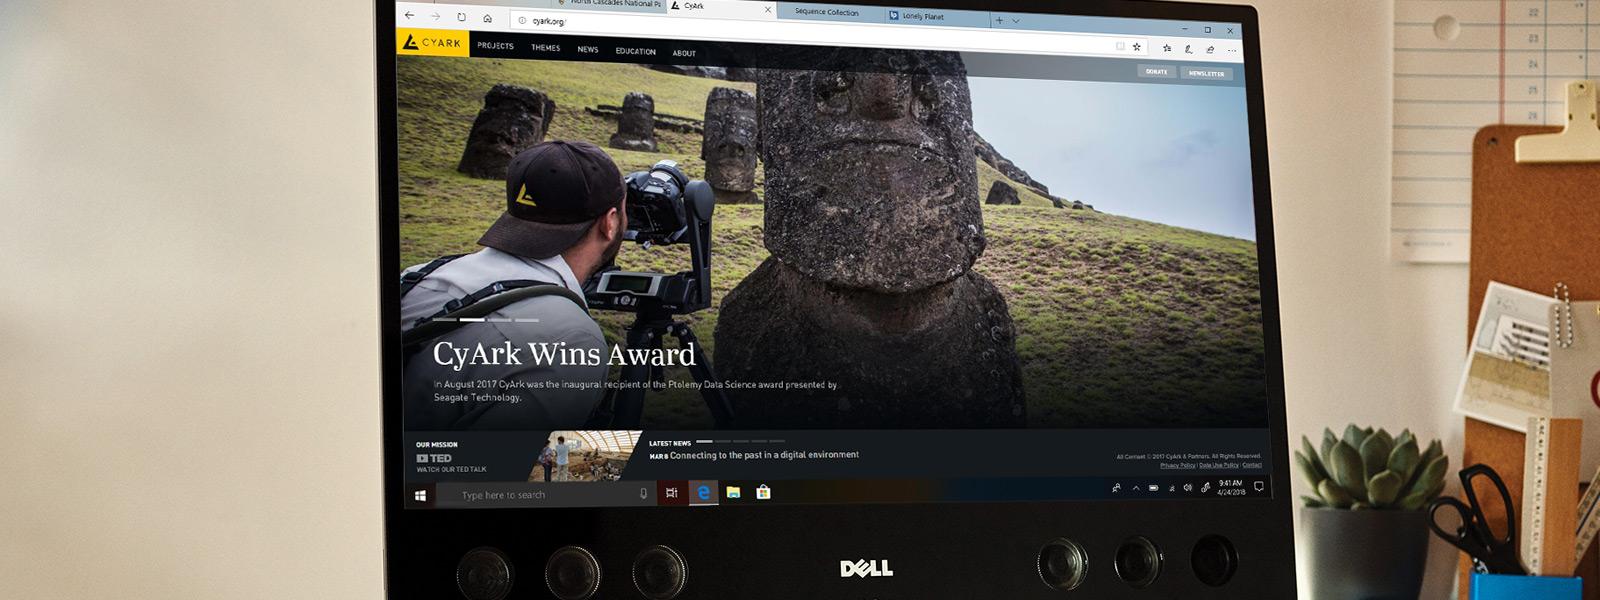 Écran d'ordinateur sur un bureau, affichant un navigateur Microsoft Edge avec une vidéo4K UltraHD.